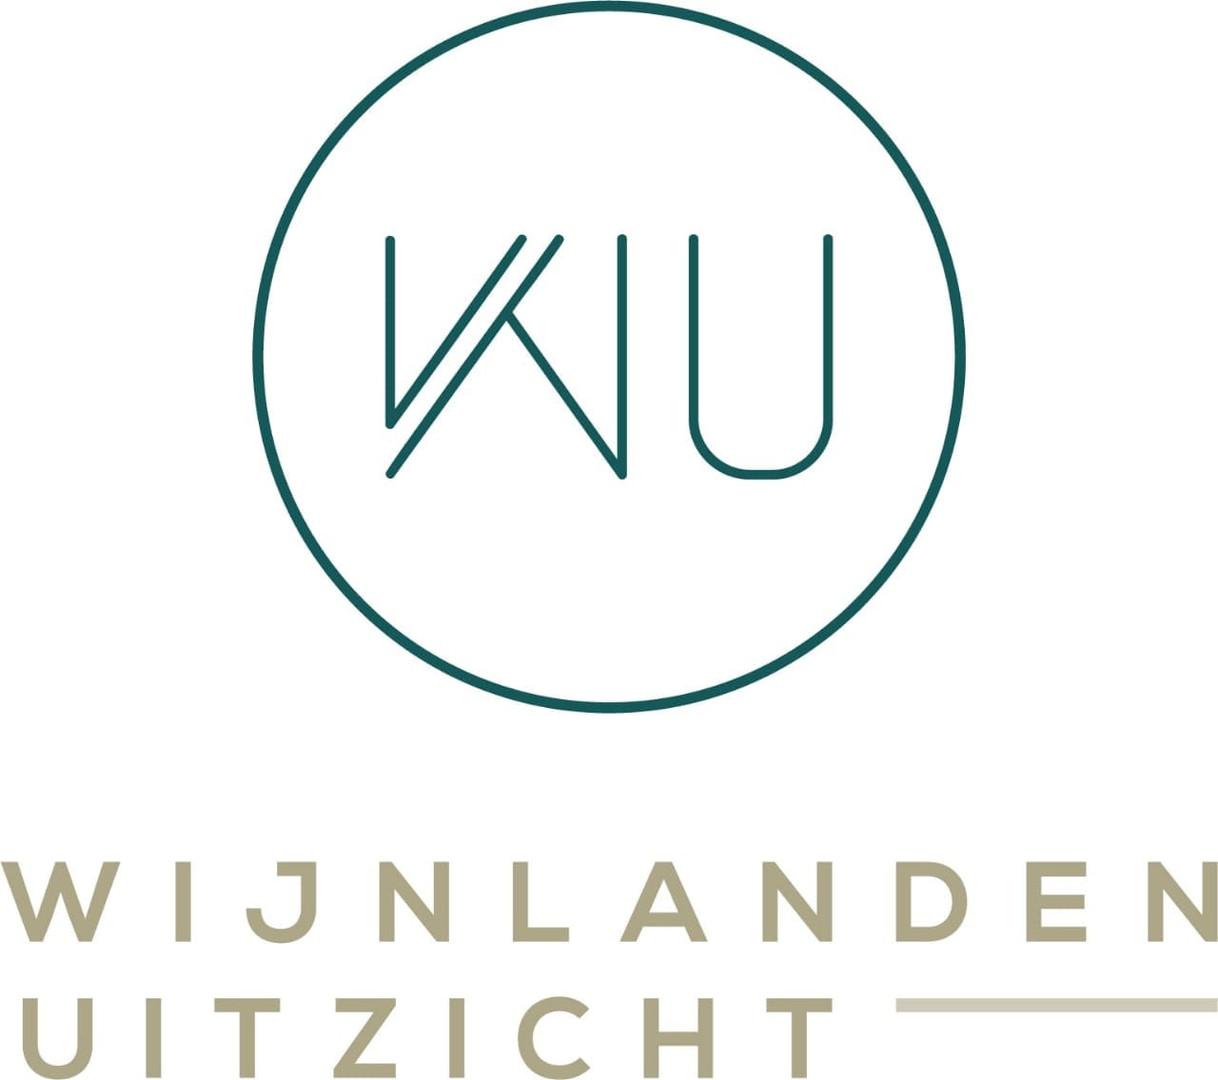 Wijnlanden Uitzicht